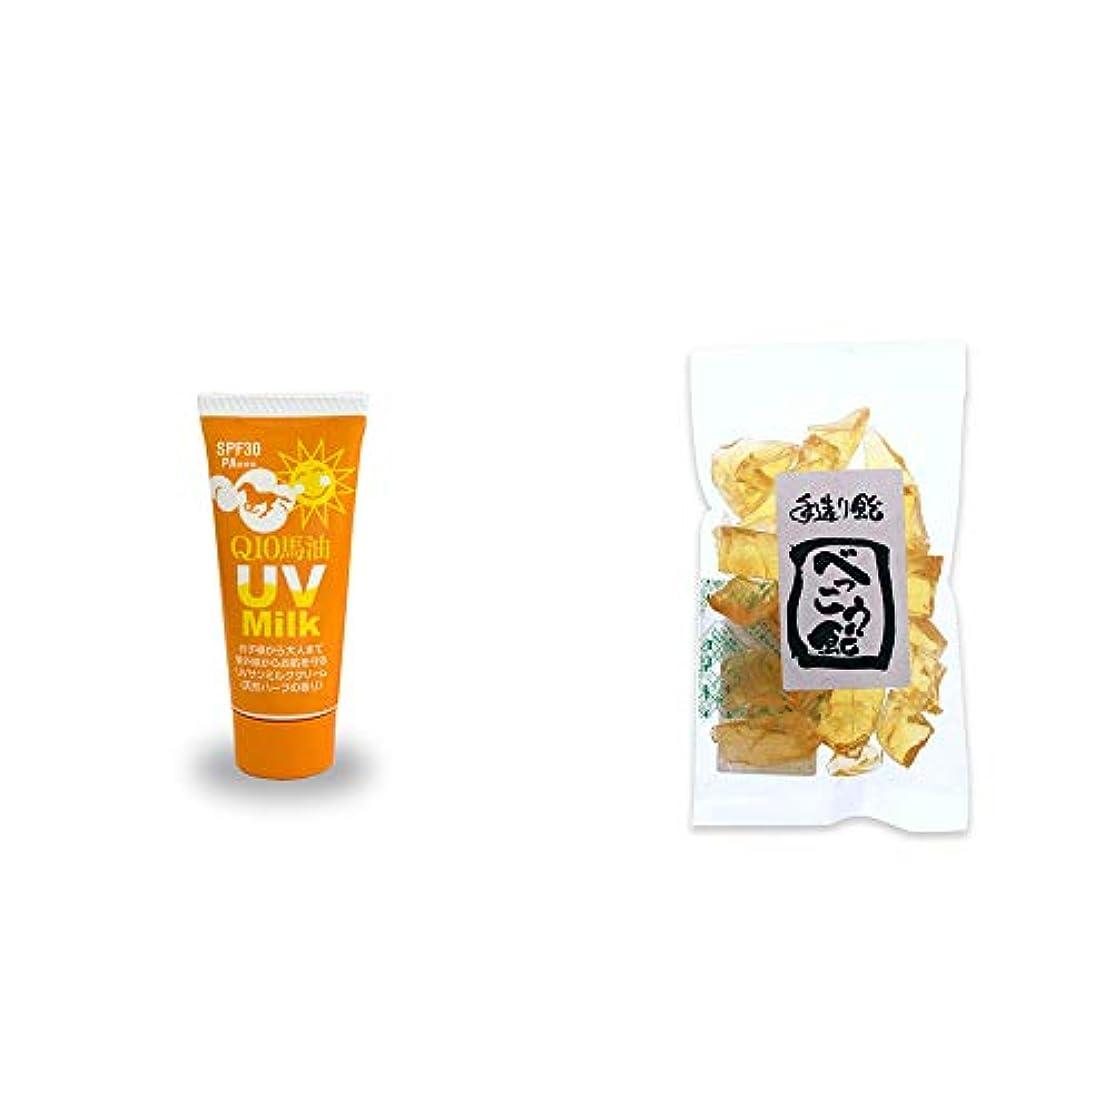 信頼性のある効果夜明け[2点セット] 炭黒泉 Q10馬油 UVサンミルク[天然ハーブ](40g)?べっこう飴(160g)